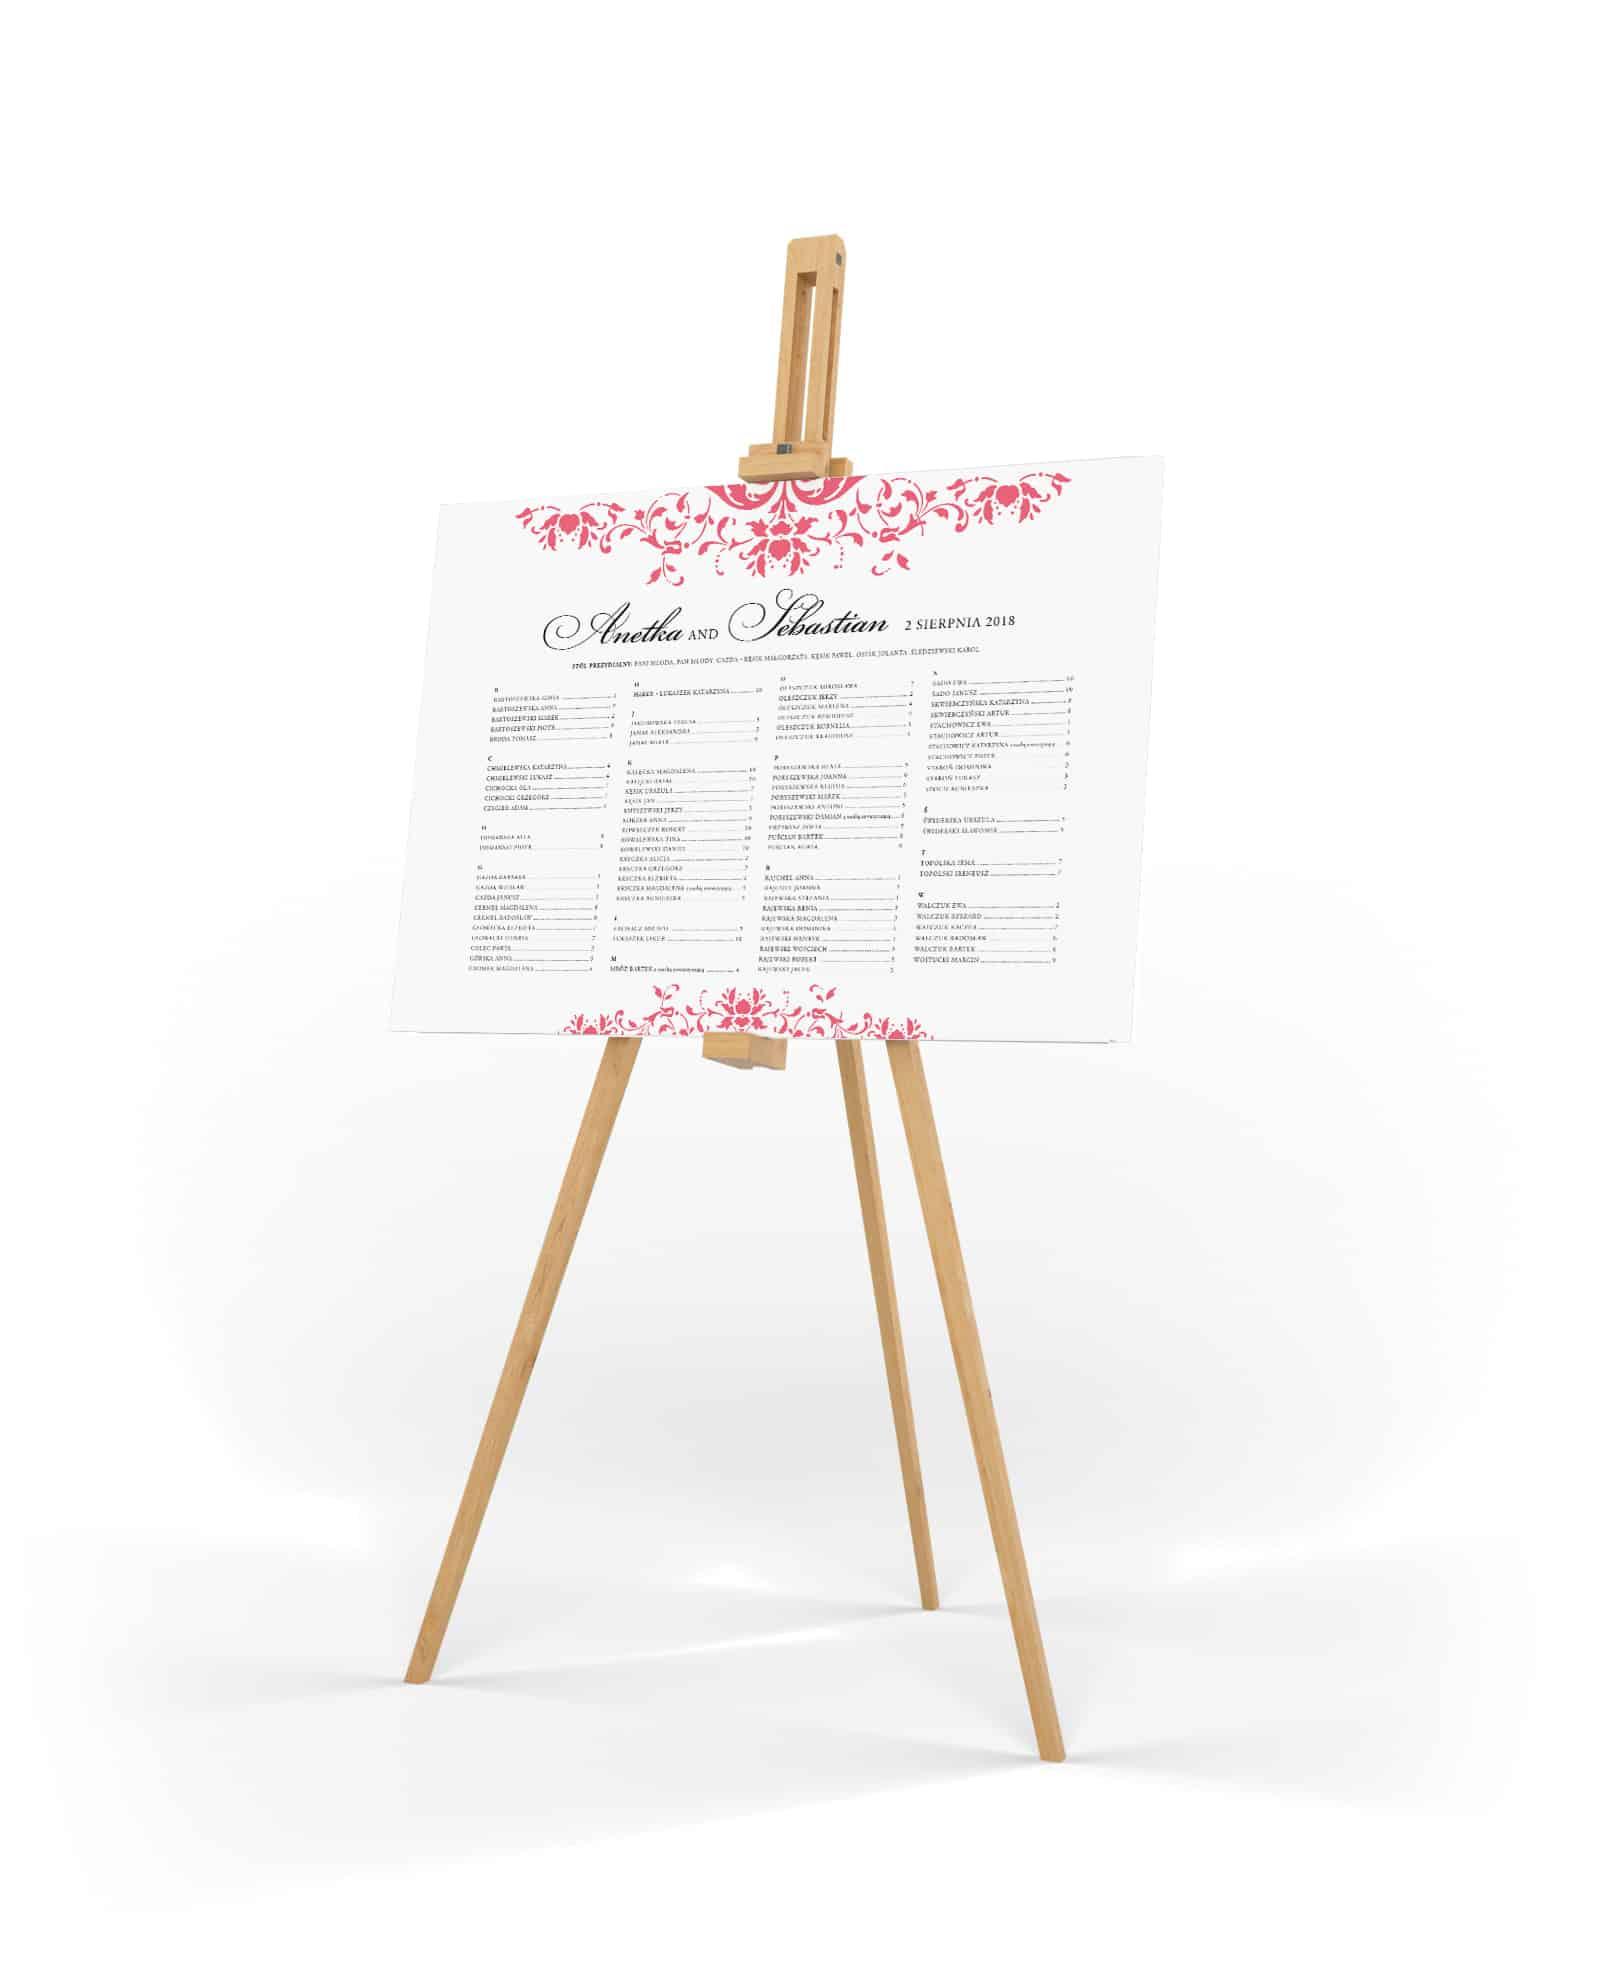 Tablica stołów weselnych z układem alfabetycznym i ornamentami w koralowym kolorze